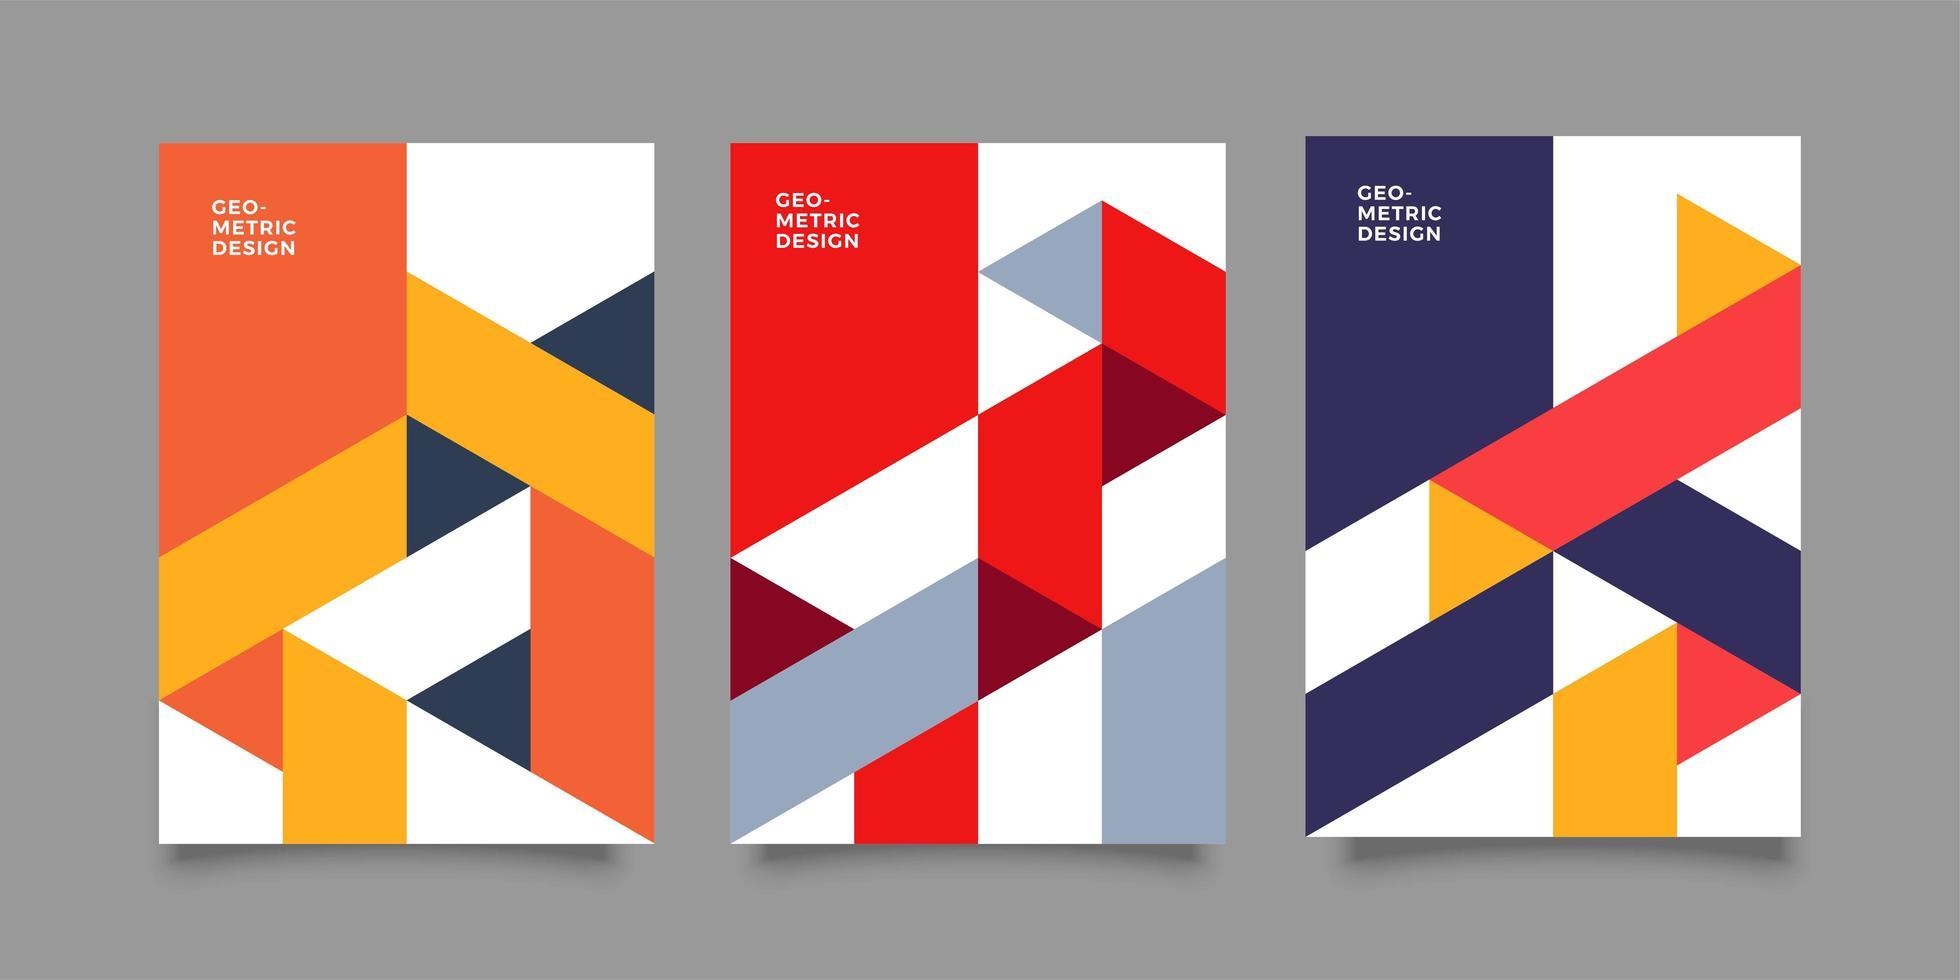 couvrir la mise en page de conception illustration géométrique abstraite vecteur